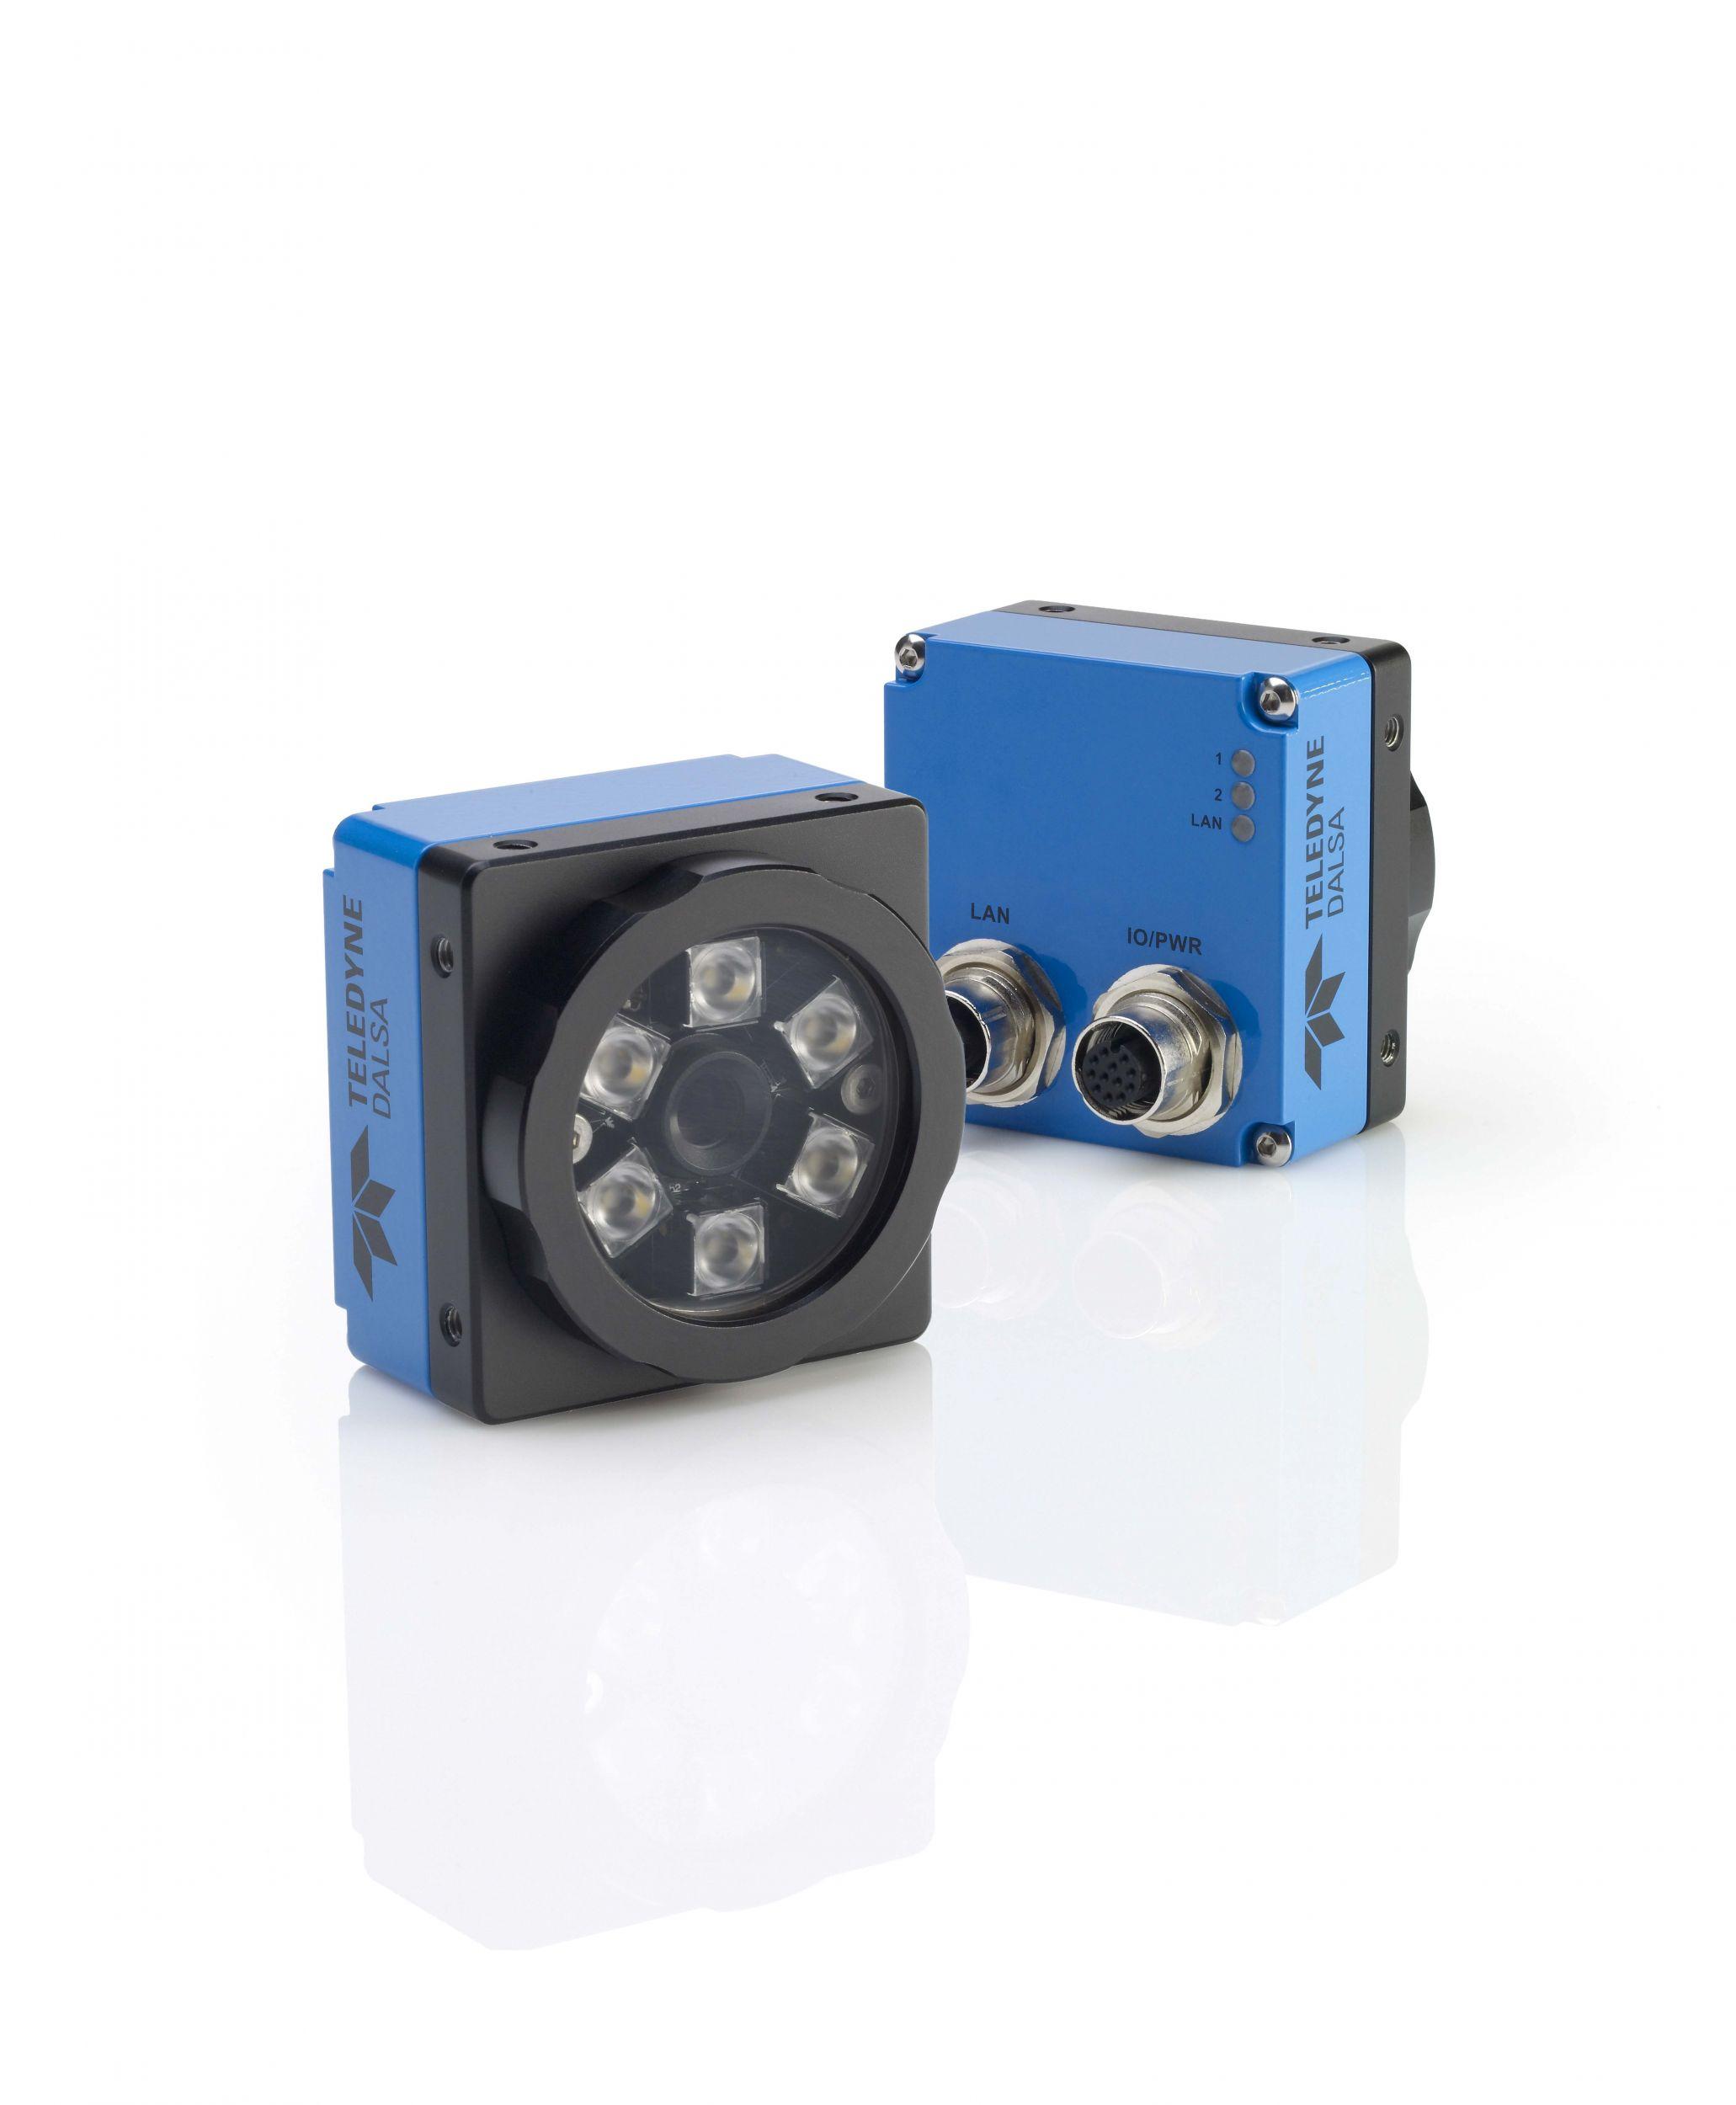 Kostengünstiger Vision-Sensor zur industriellen Identifizierung